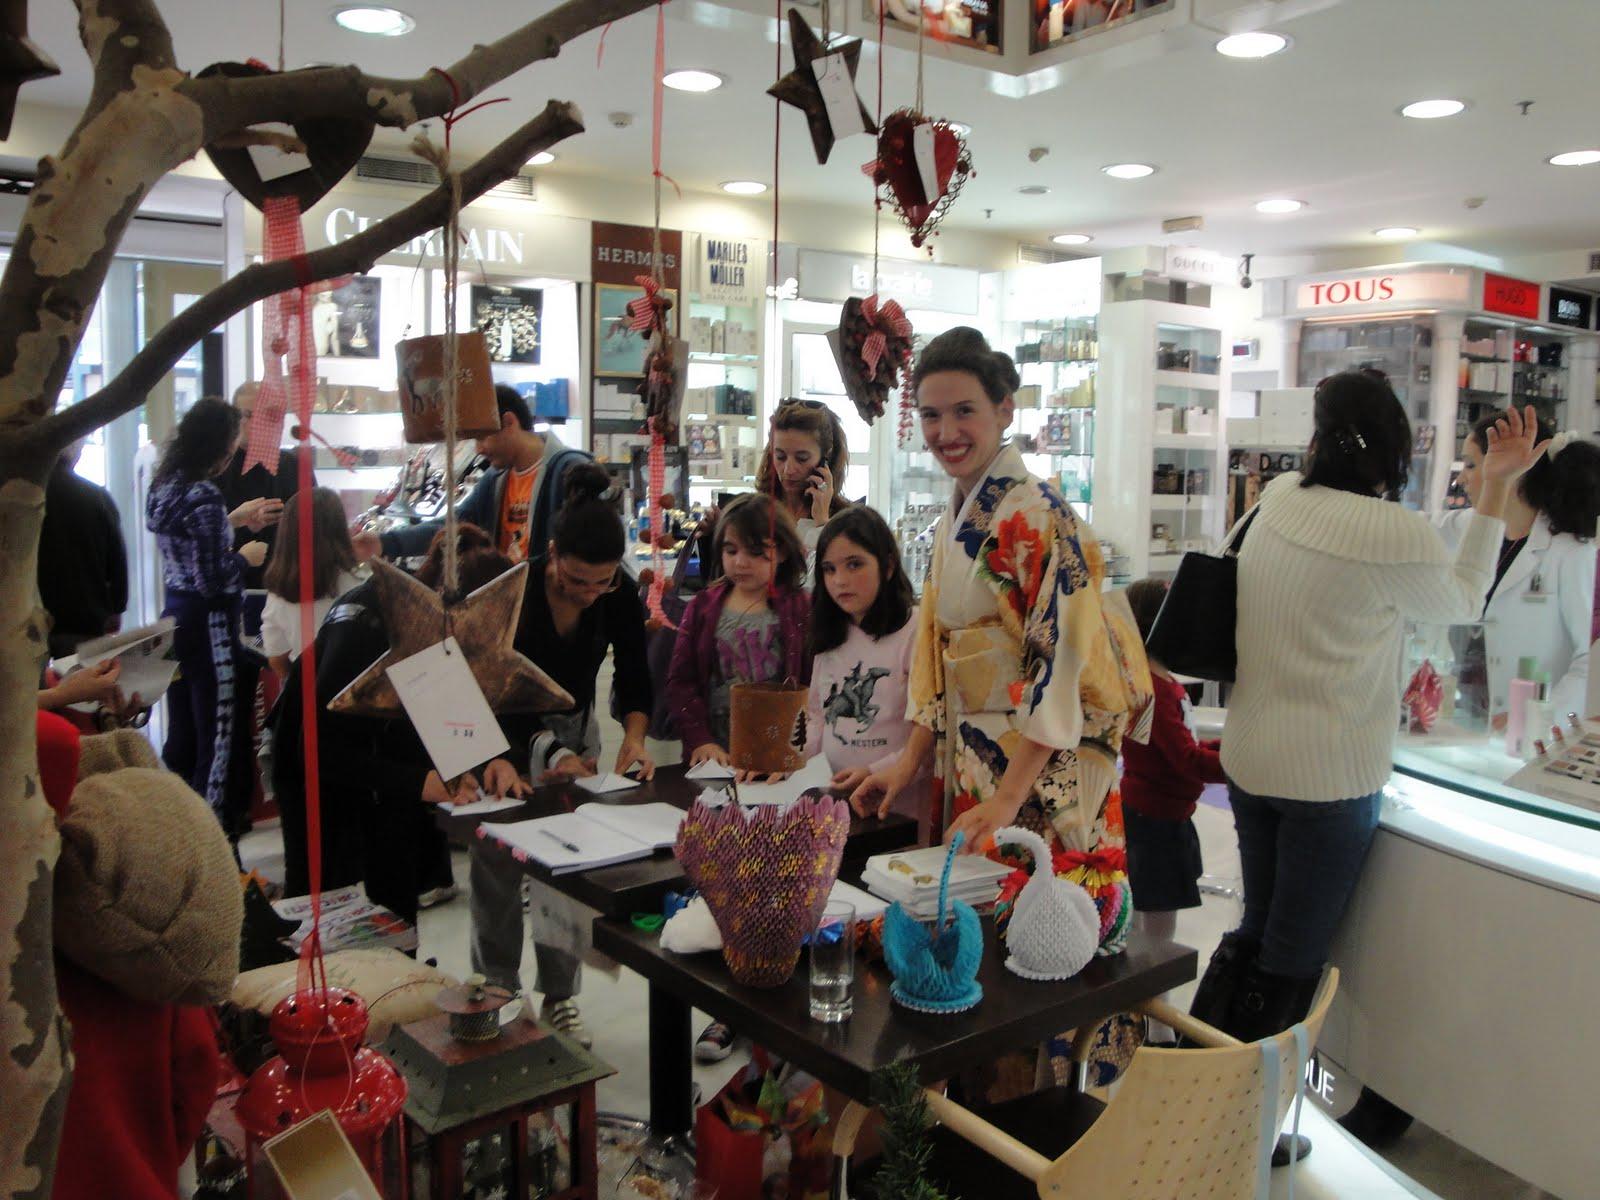 a832f2d27f63 Εκδηλώσεις origami στα καταστήματα Hondos Center στην Αθήνα και τον Πειραιά